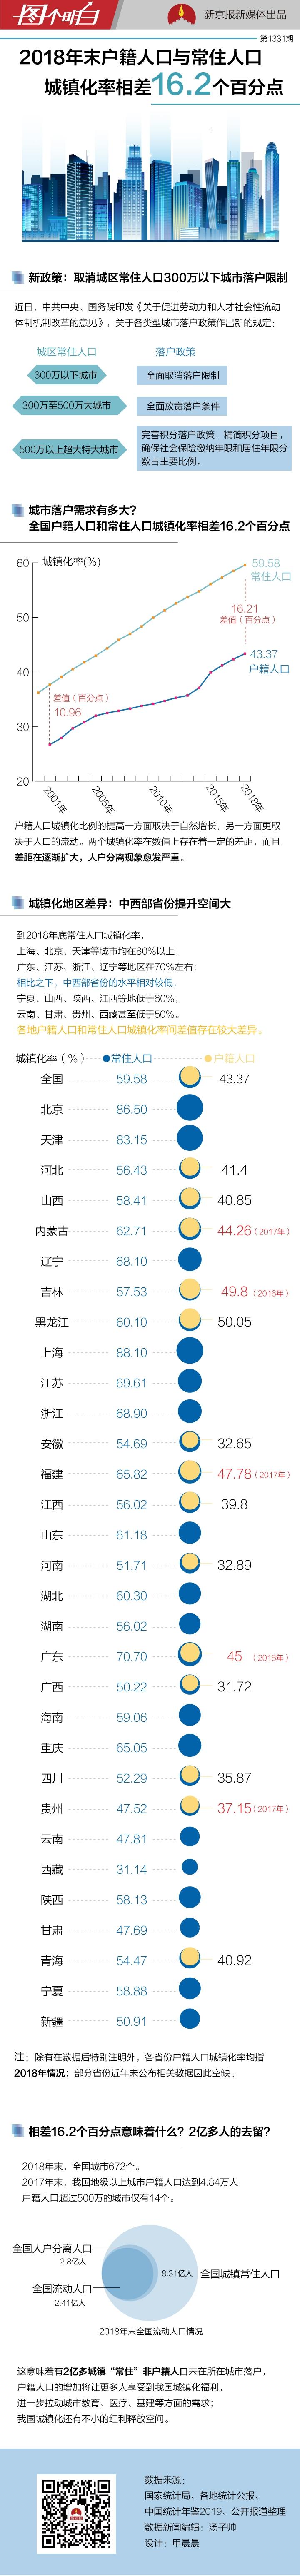 """经济日报时评:货币政策保持稳健不会""""大水漫灌"""""""